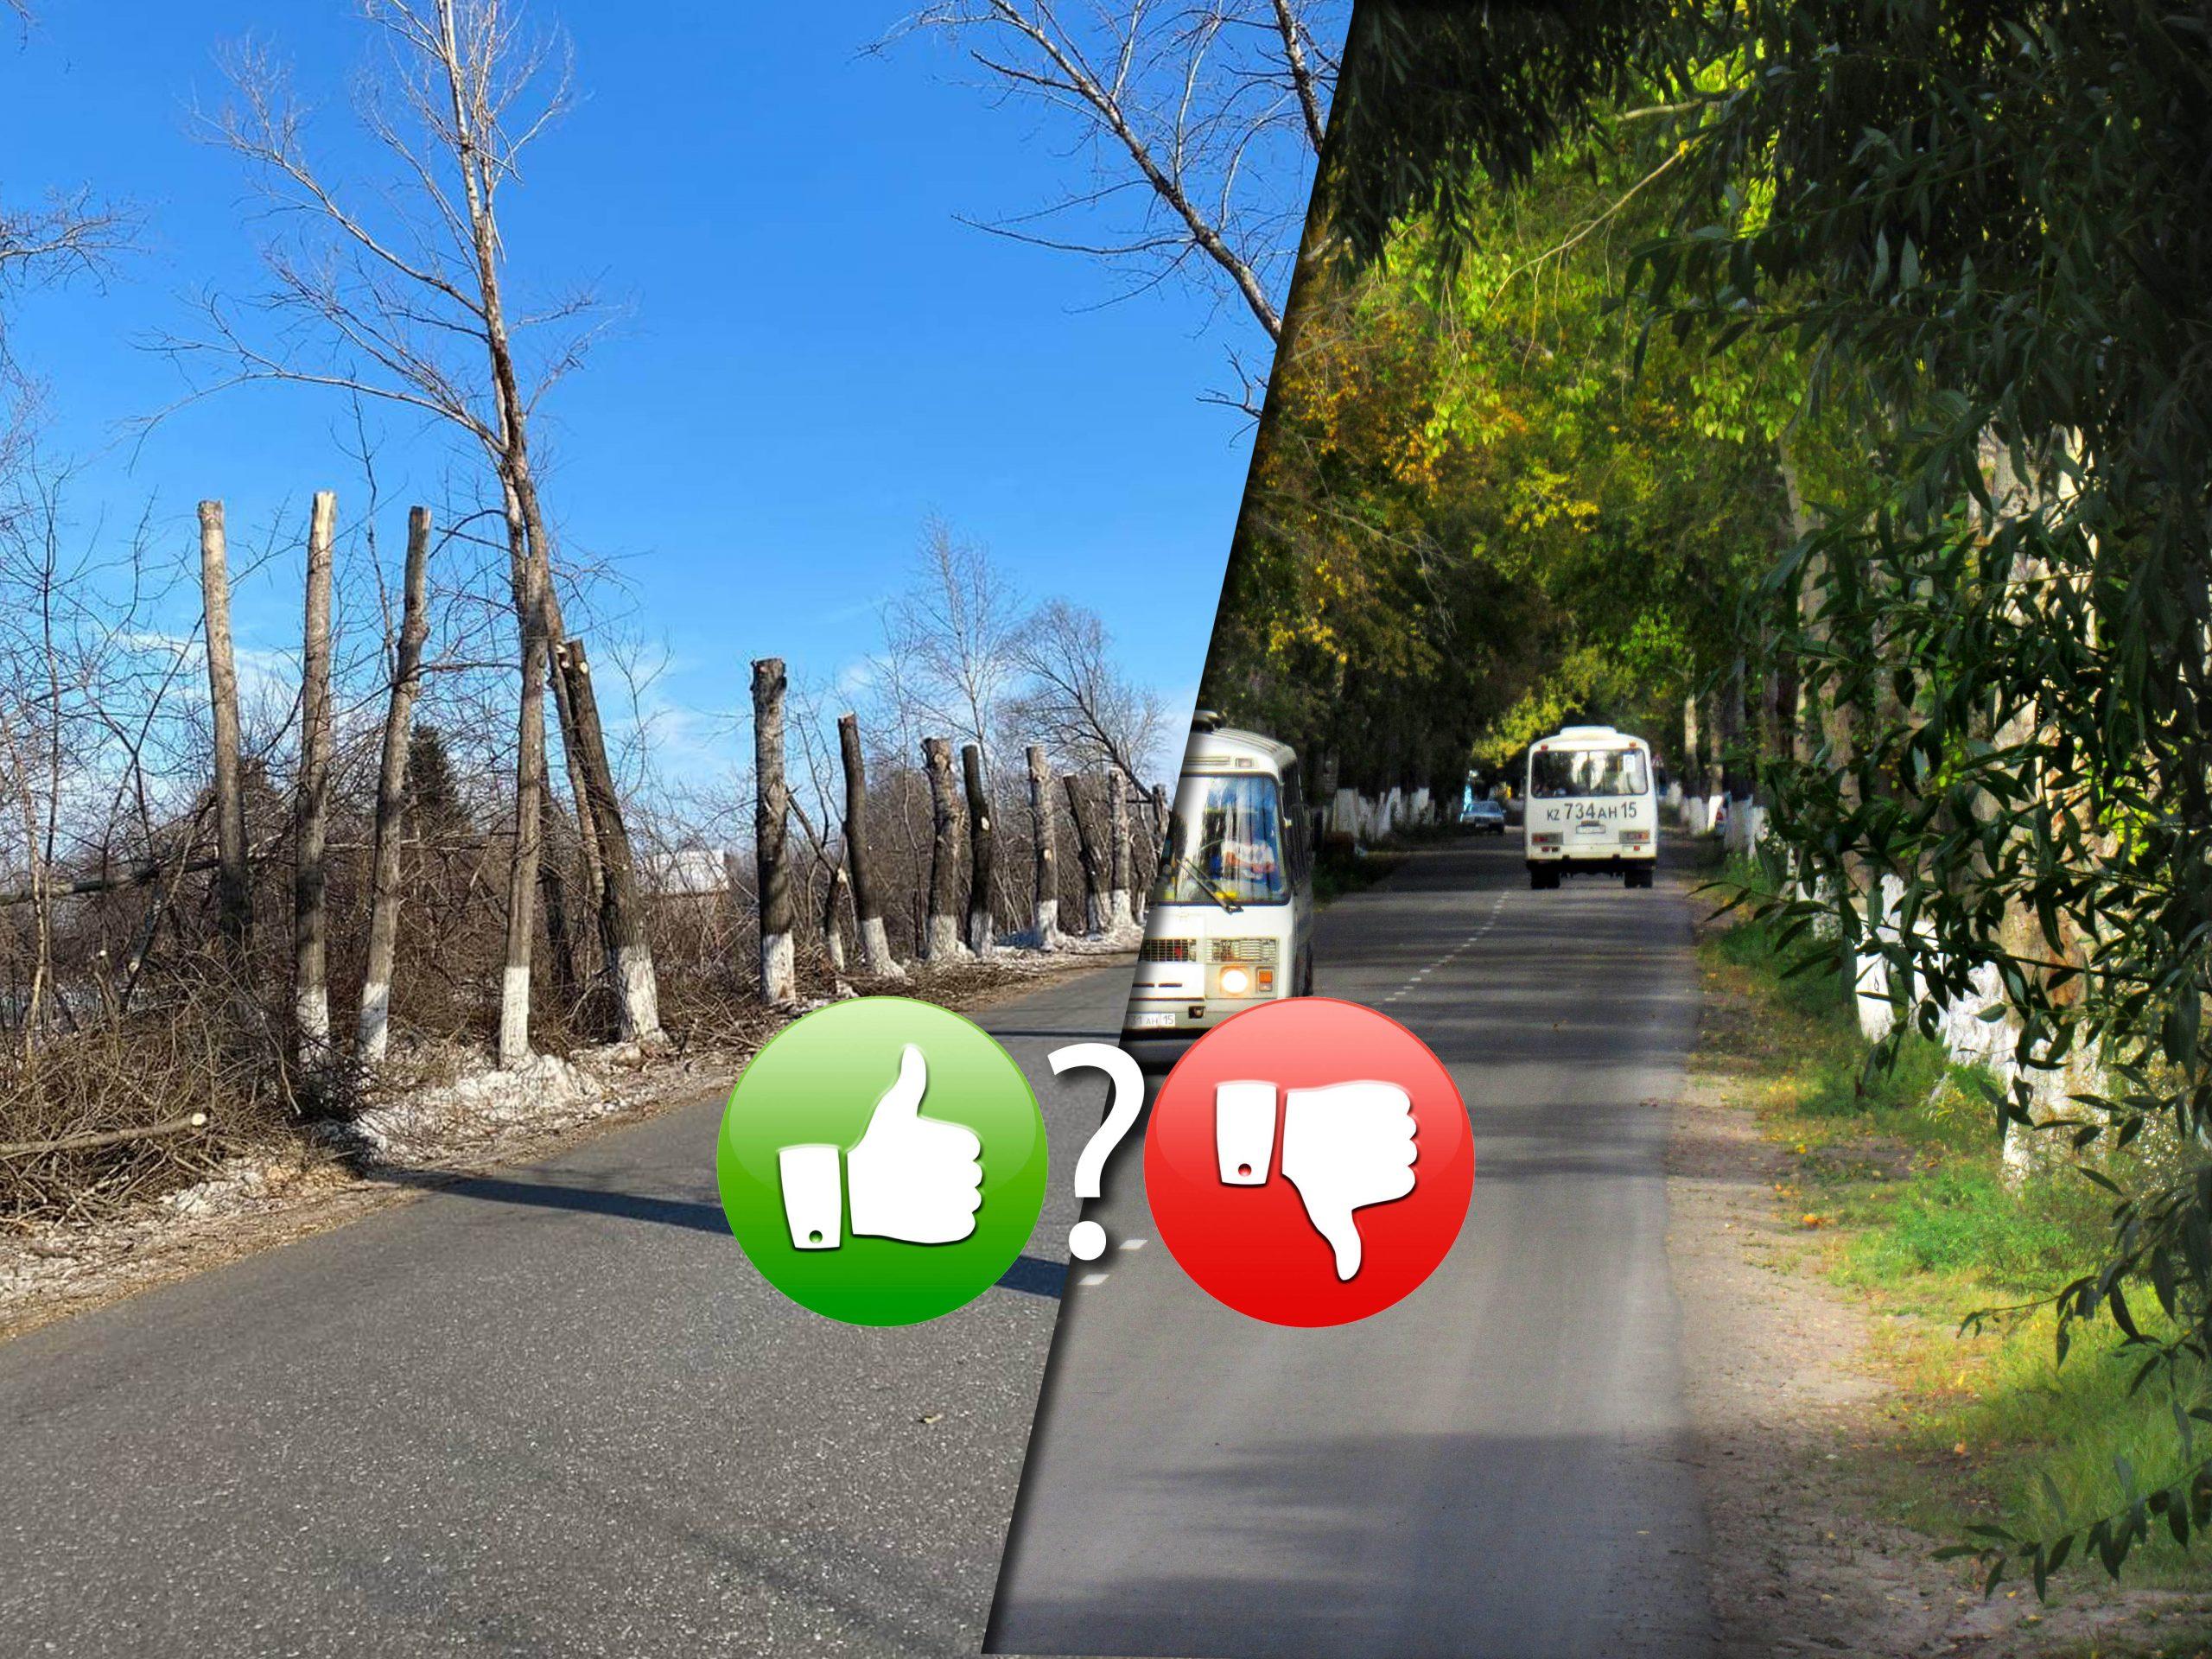 Убийство в Заречном поселке Петропавловска: деревьям не жить!